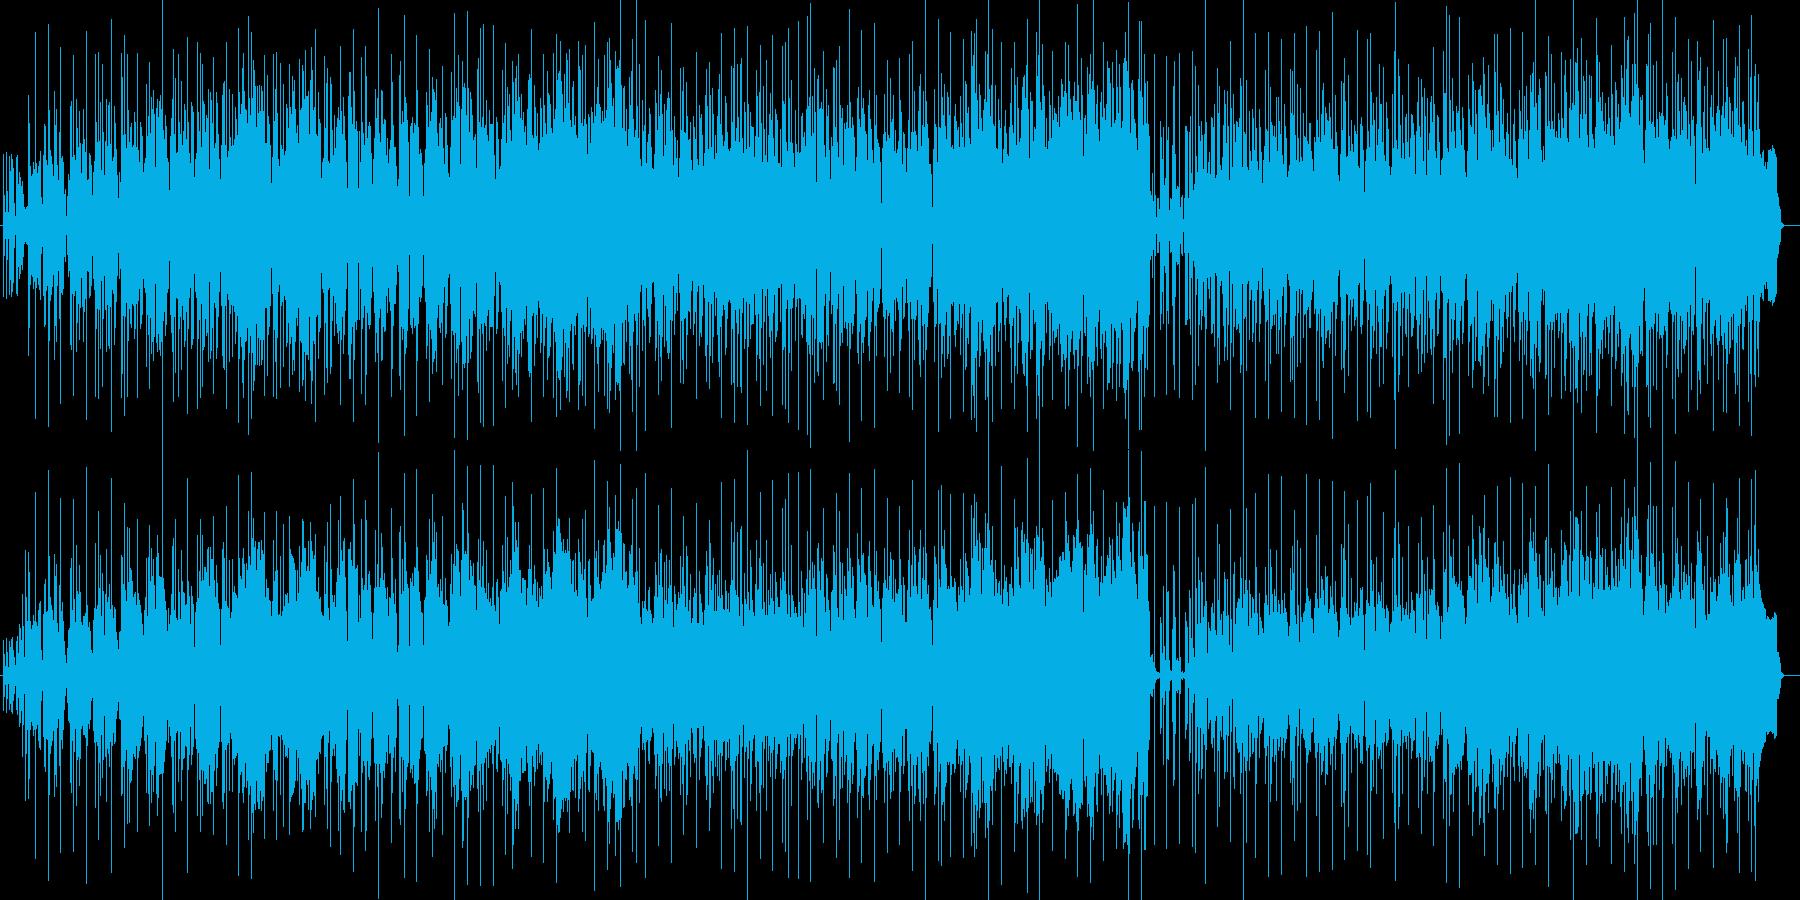 レゲエ 夏の海 ビキニギャル ナンパの再生済みの波形